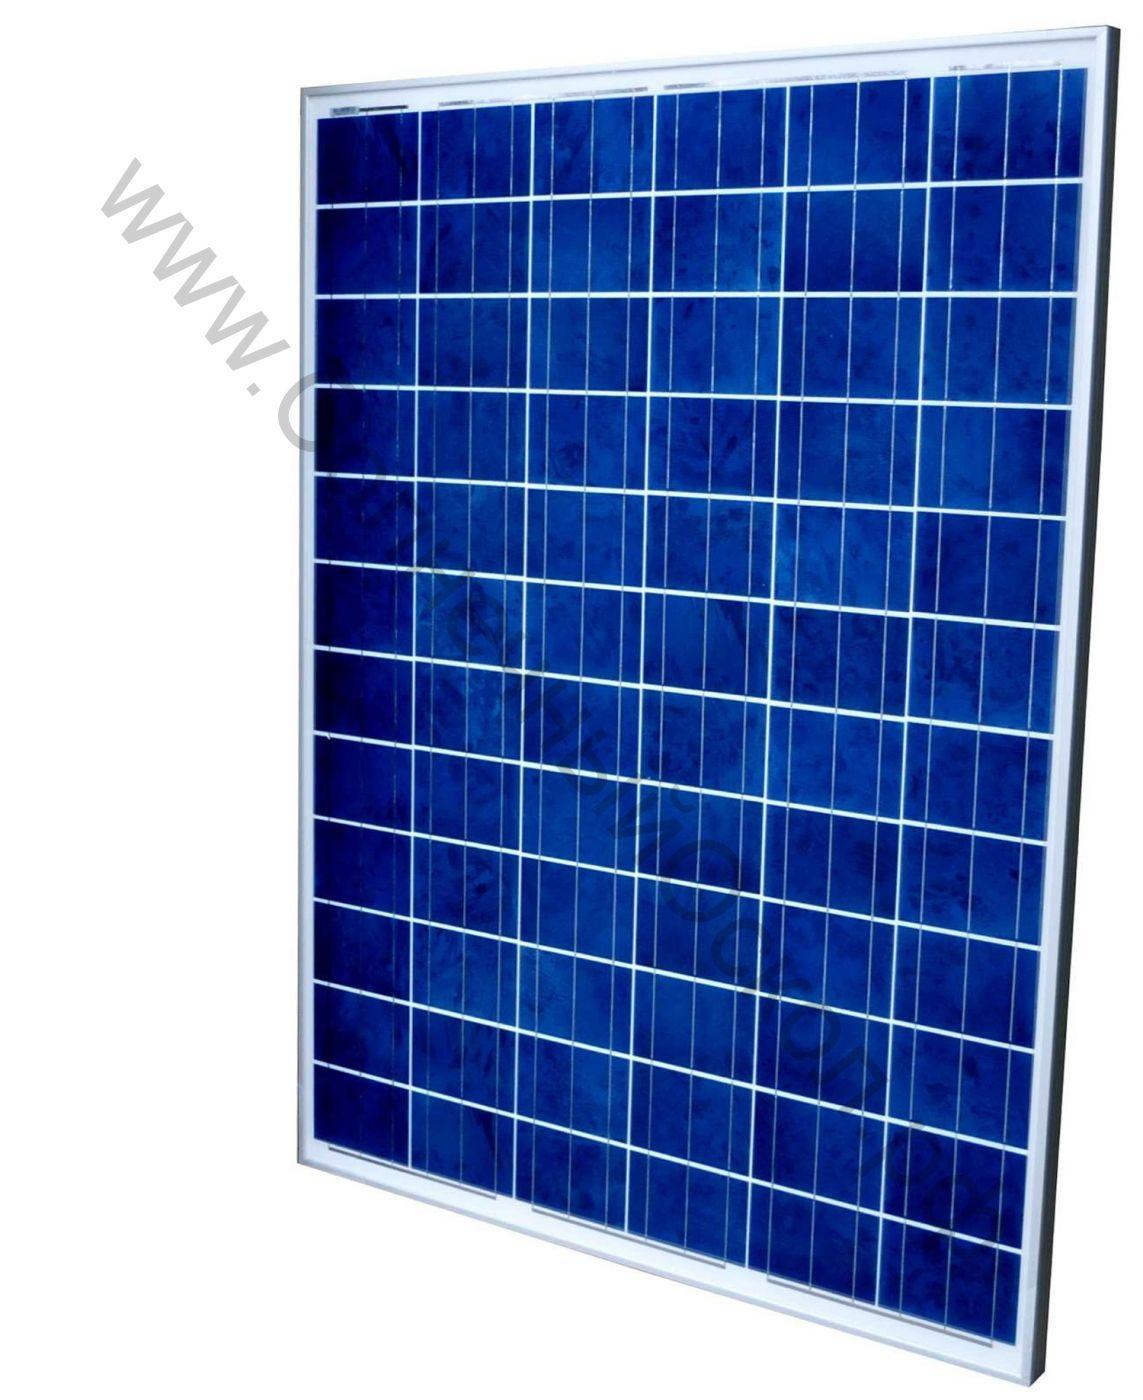 Поликристаллическая солнечная панель WDNY-230P60